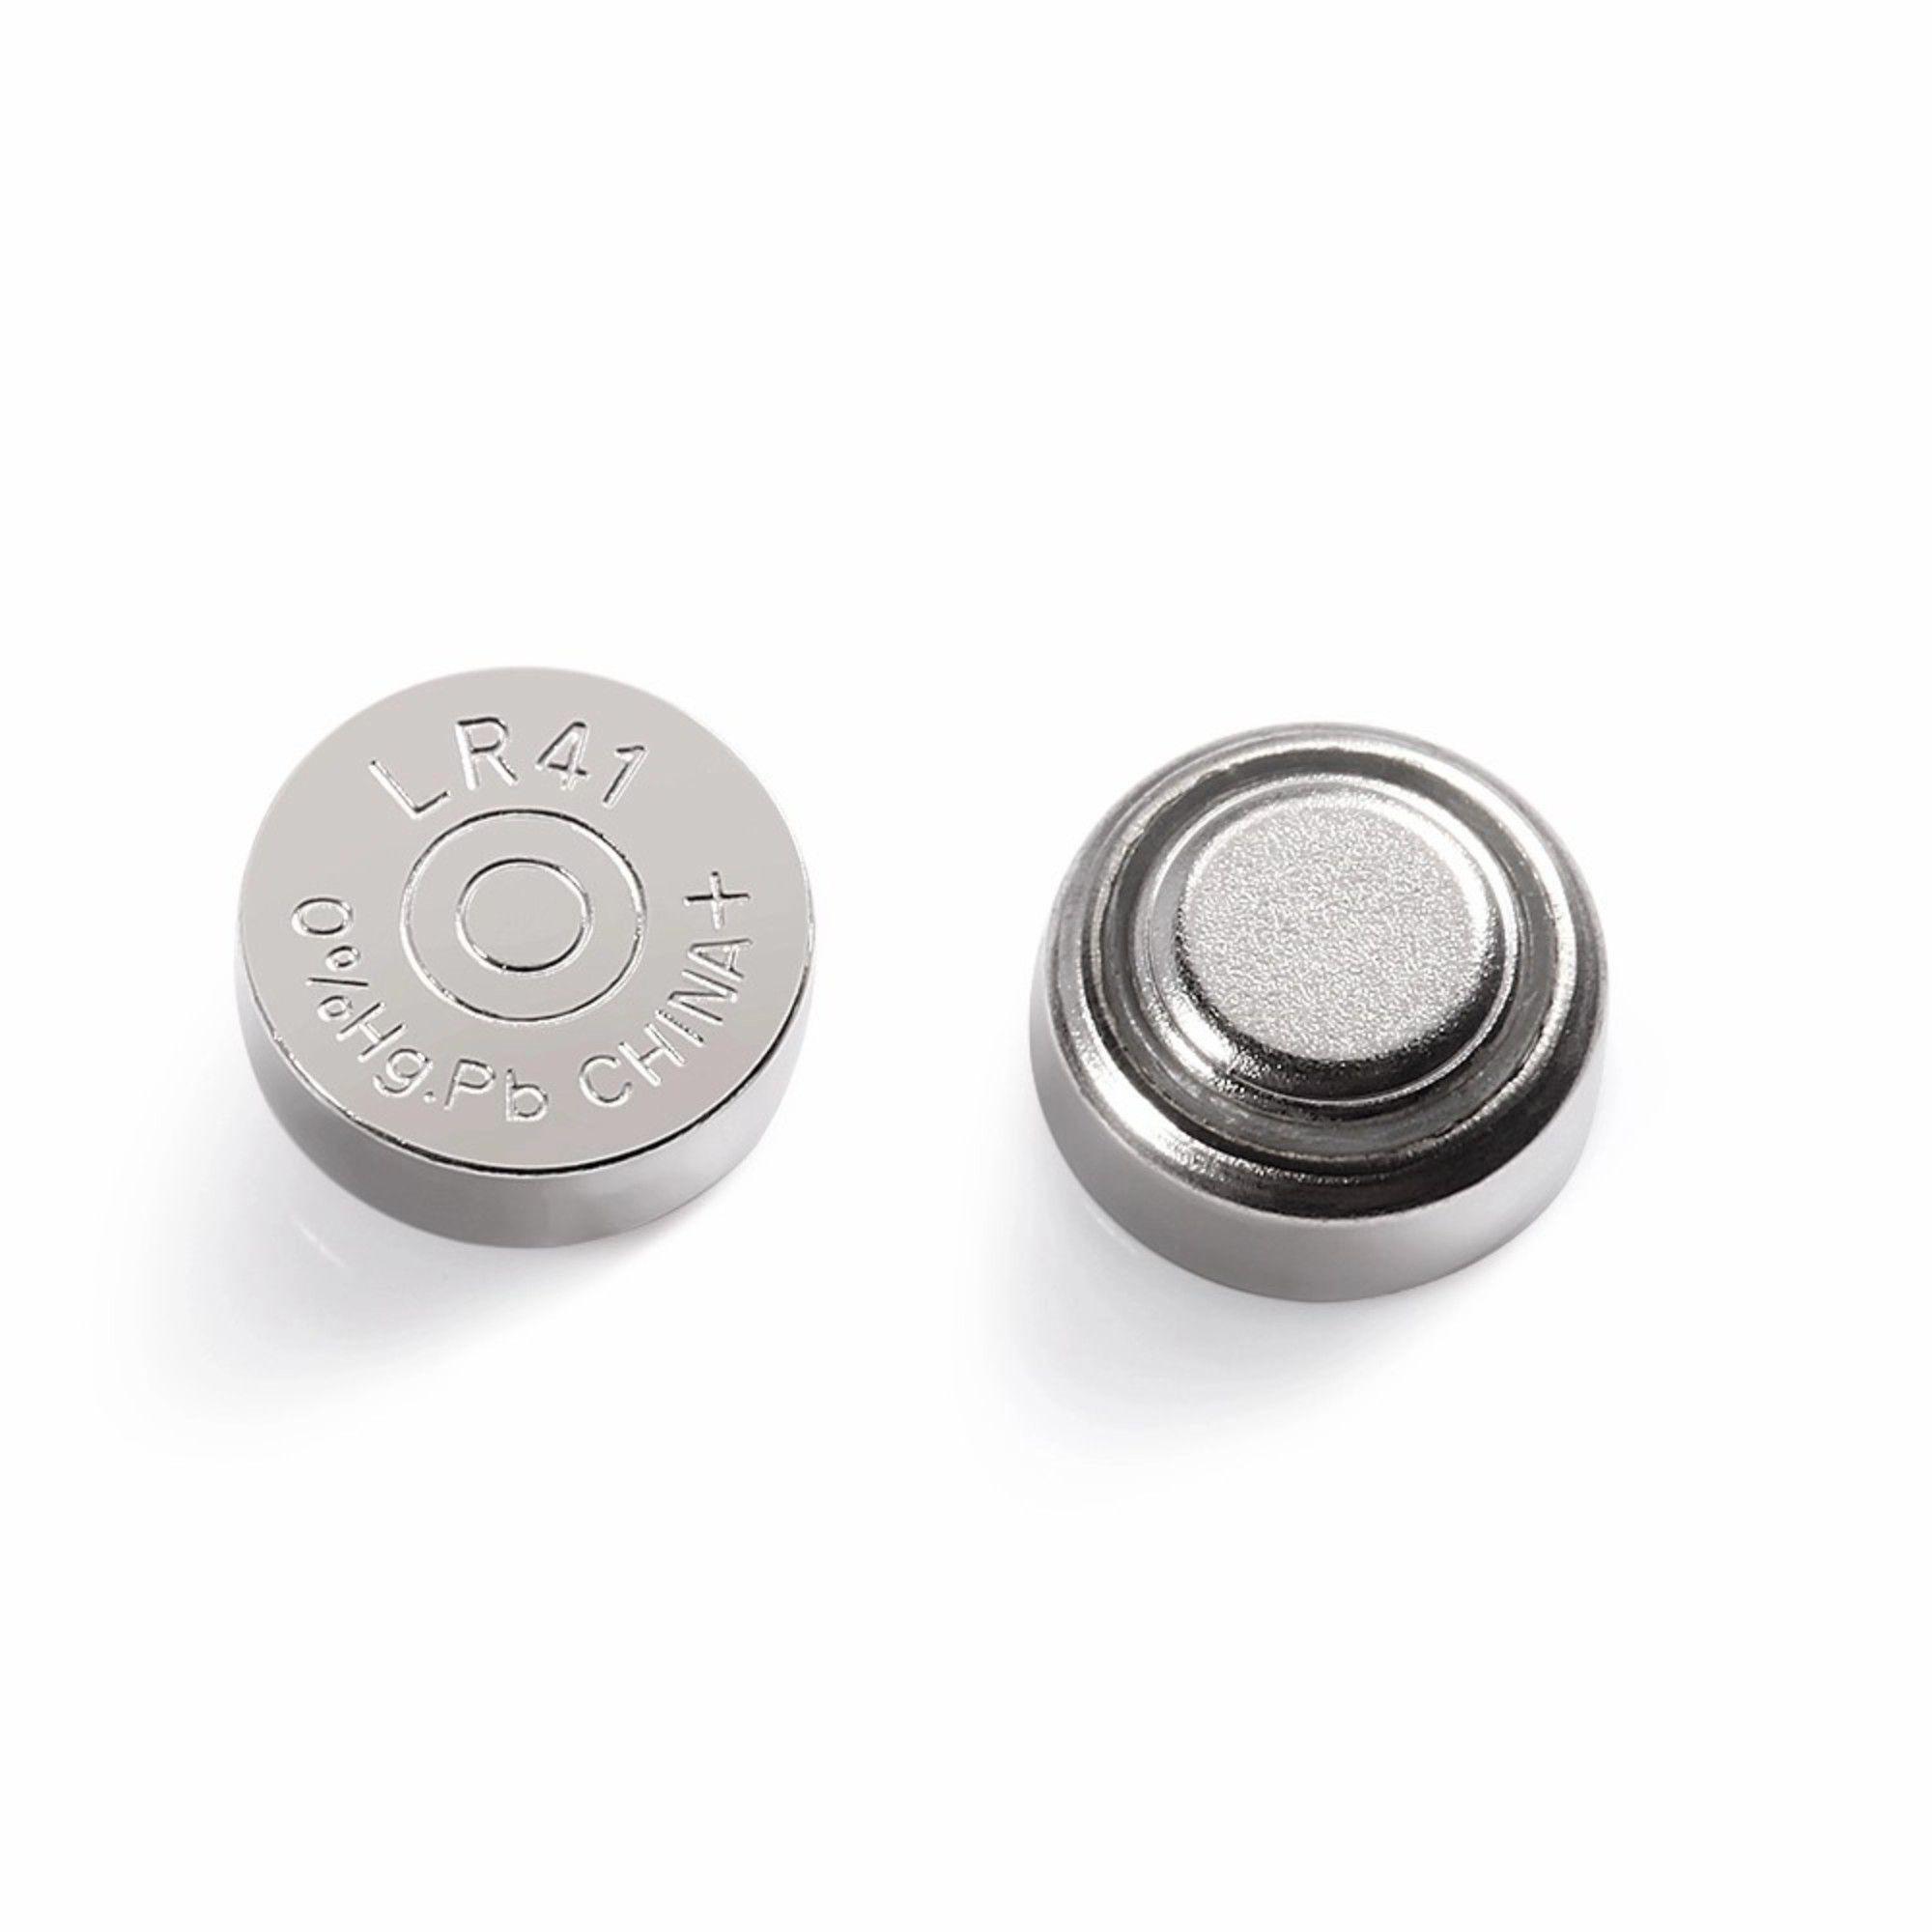 Bateria LR621 364 P/ Controle Remoto E Relógio C/ 2 Unidades